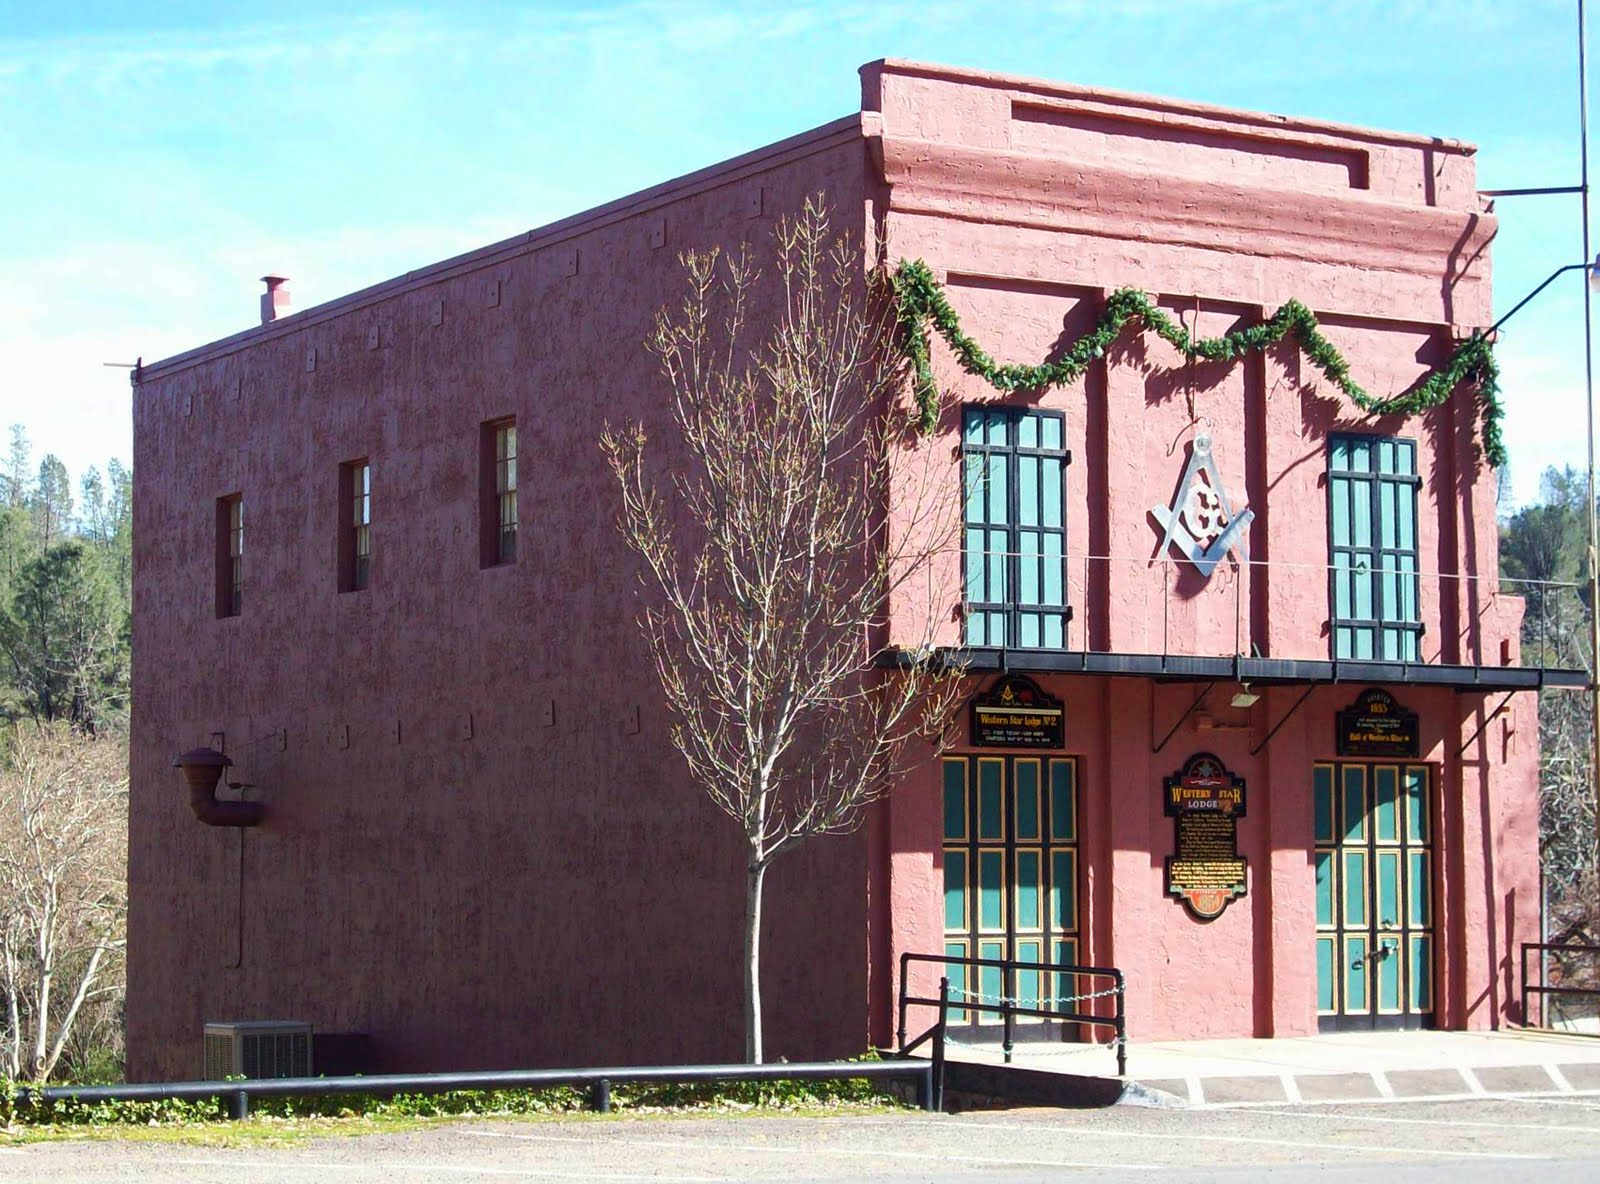 http://3.bp.blogspot.com/_mwIrvjgUWmc/TJLkwMSCv4I/AAAAAAAADf4/bFP4N_lCnBQ/s1600/Masonic+Lodge+at+Shasta,+2-08.jpg